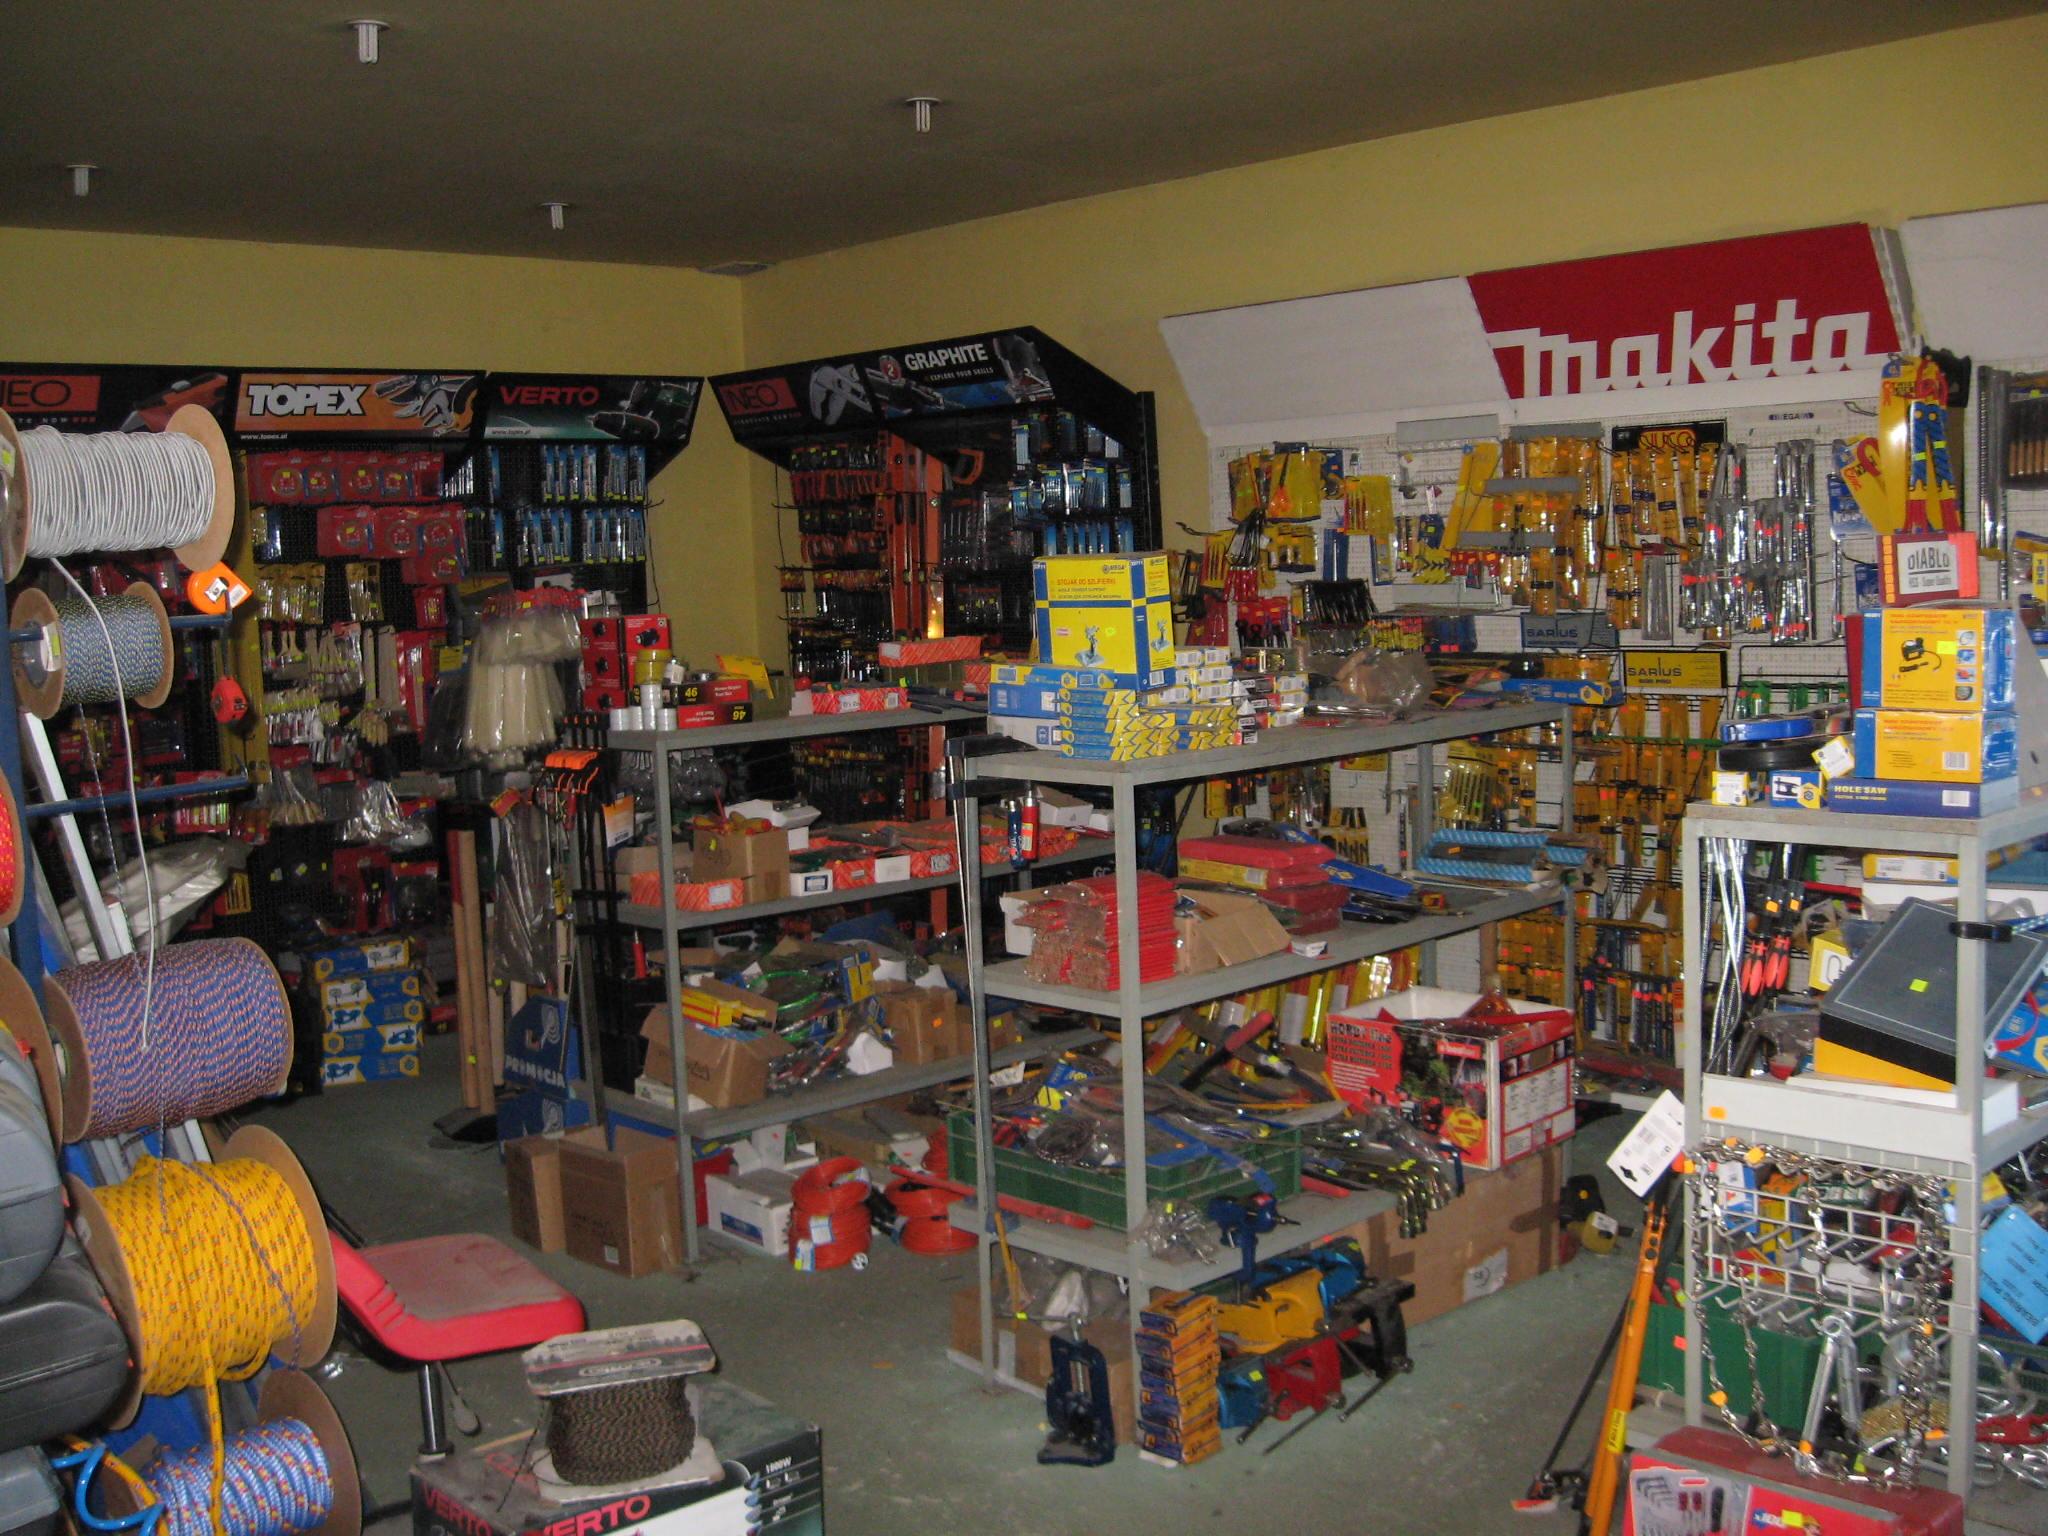 Widok wnętrza sklepu 5